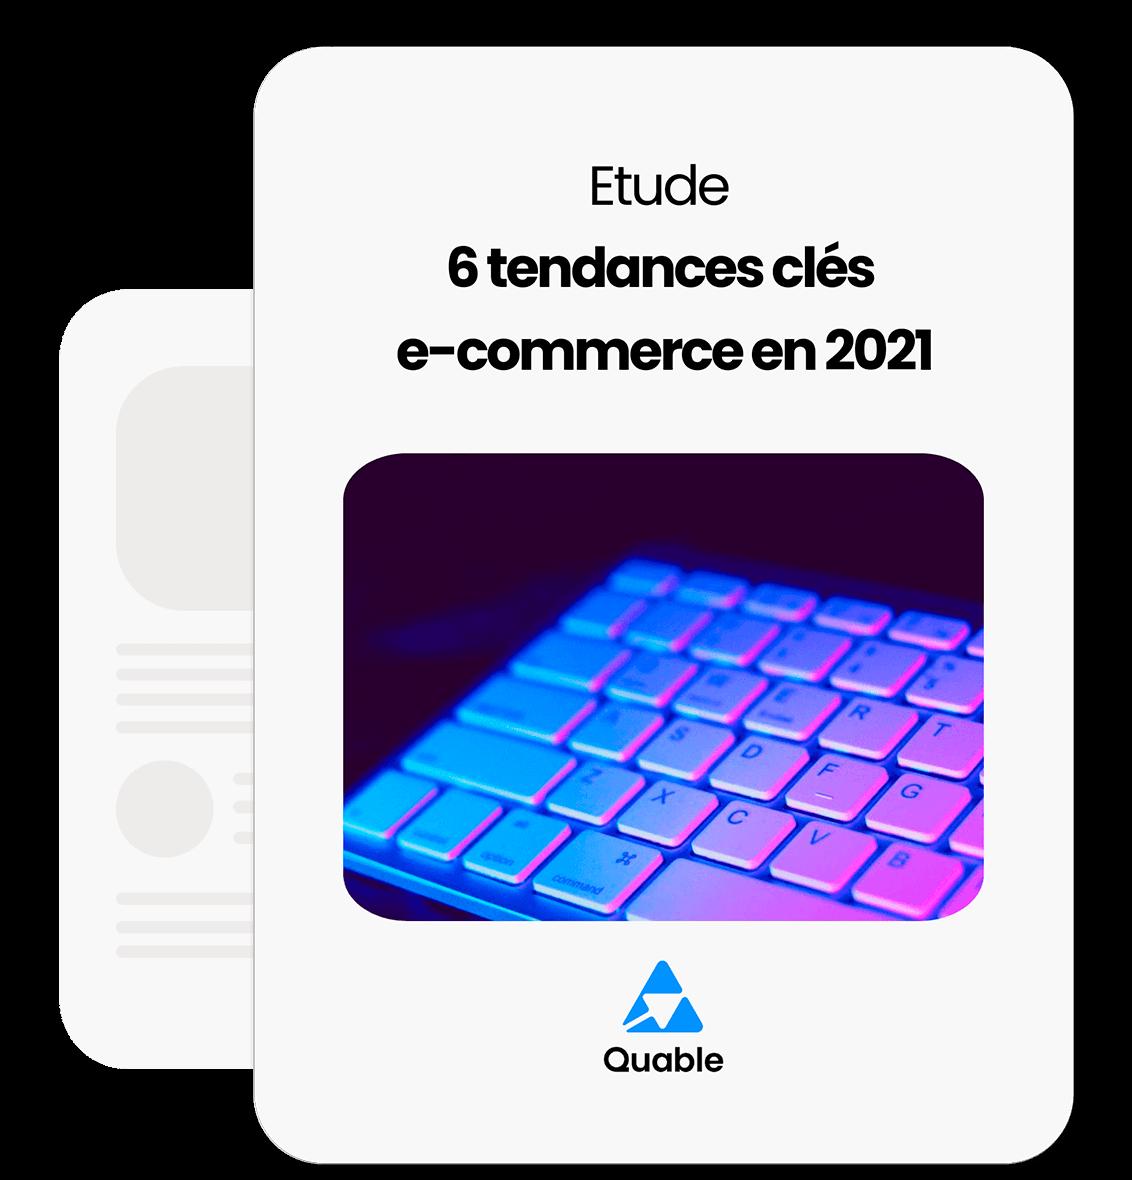 Etude : 6 tendances clés e-commerce en 2021